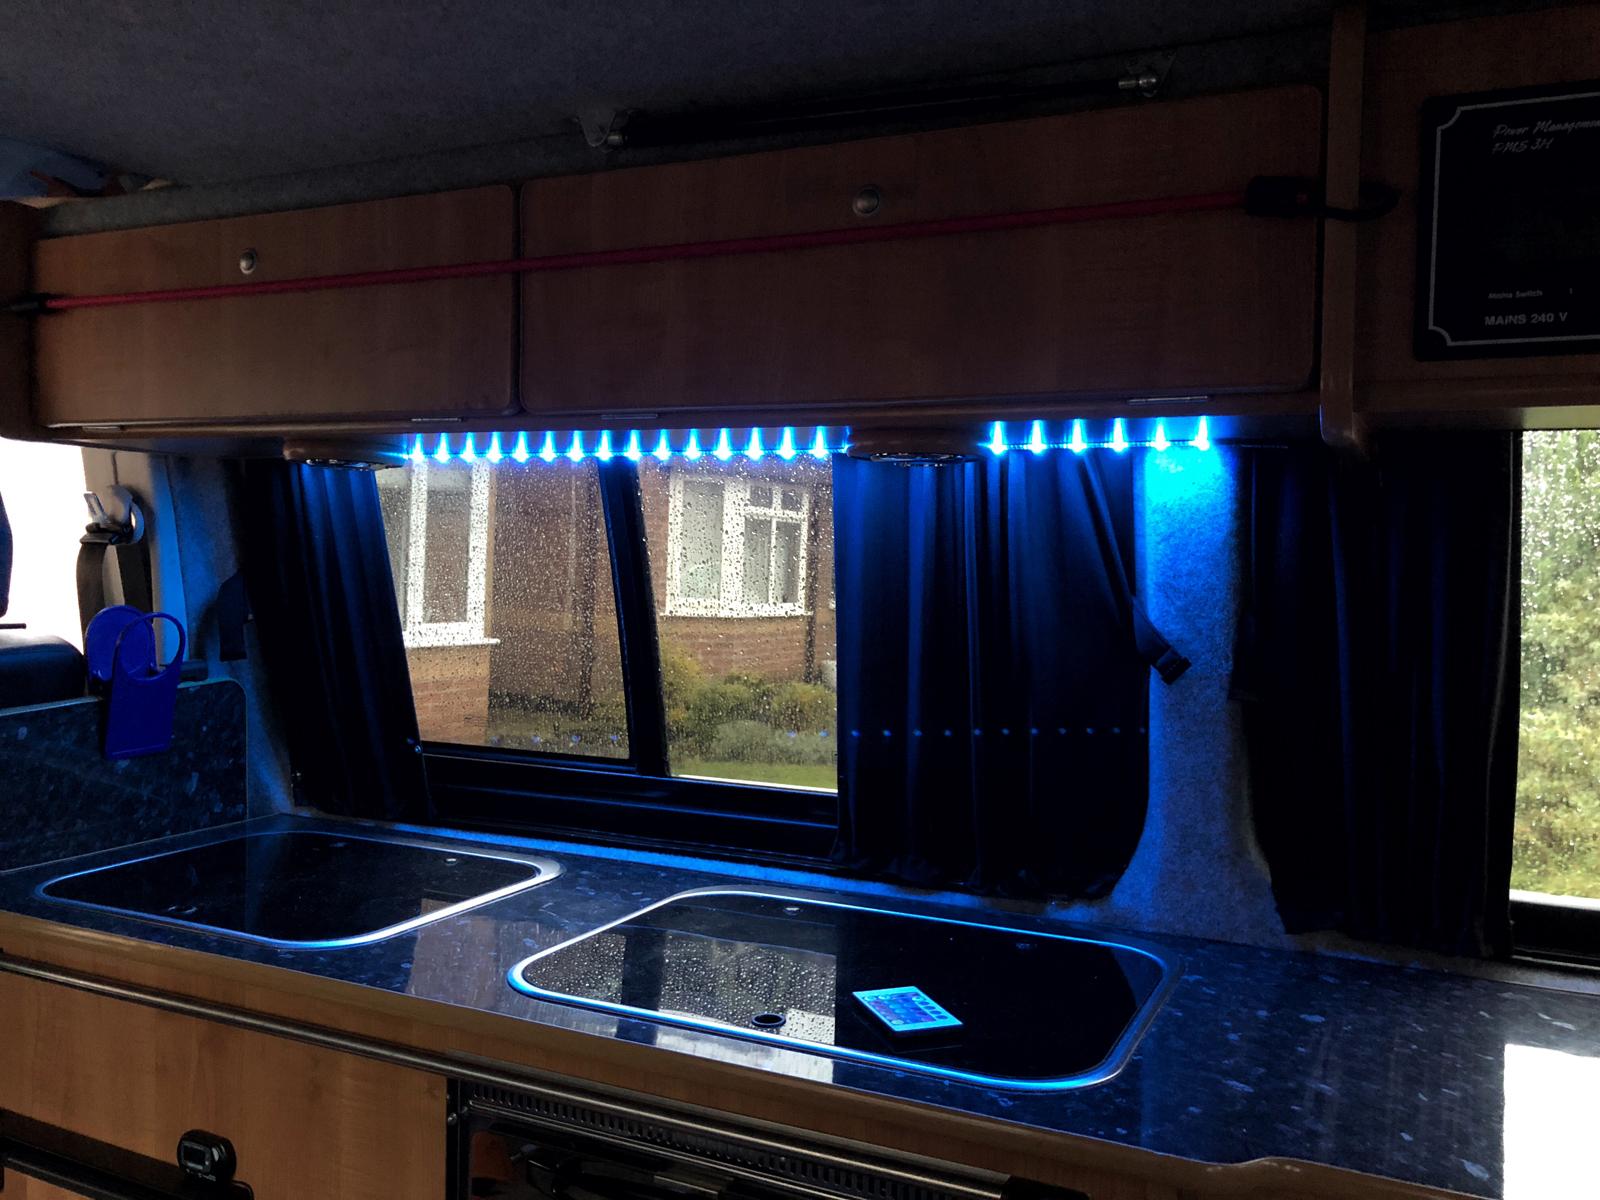 Cheap Led Lighting For The Campervan Volkscamper